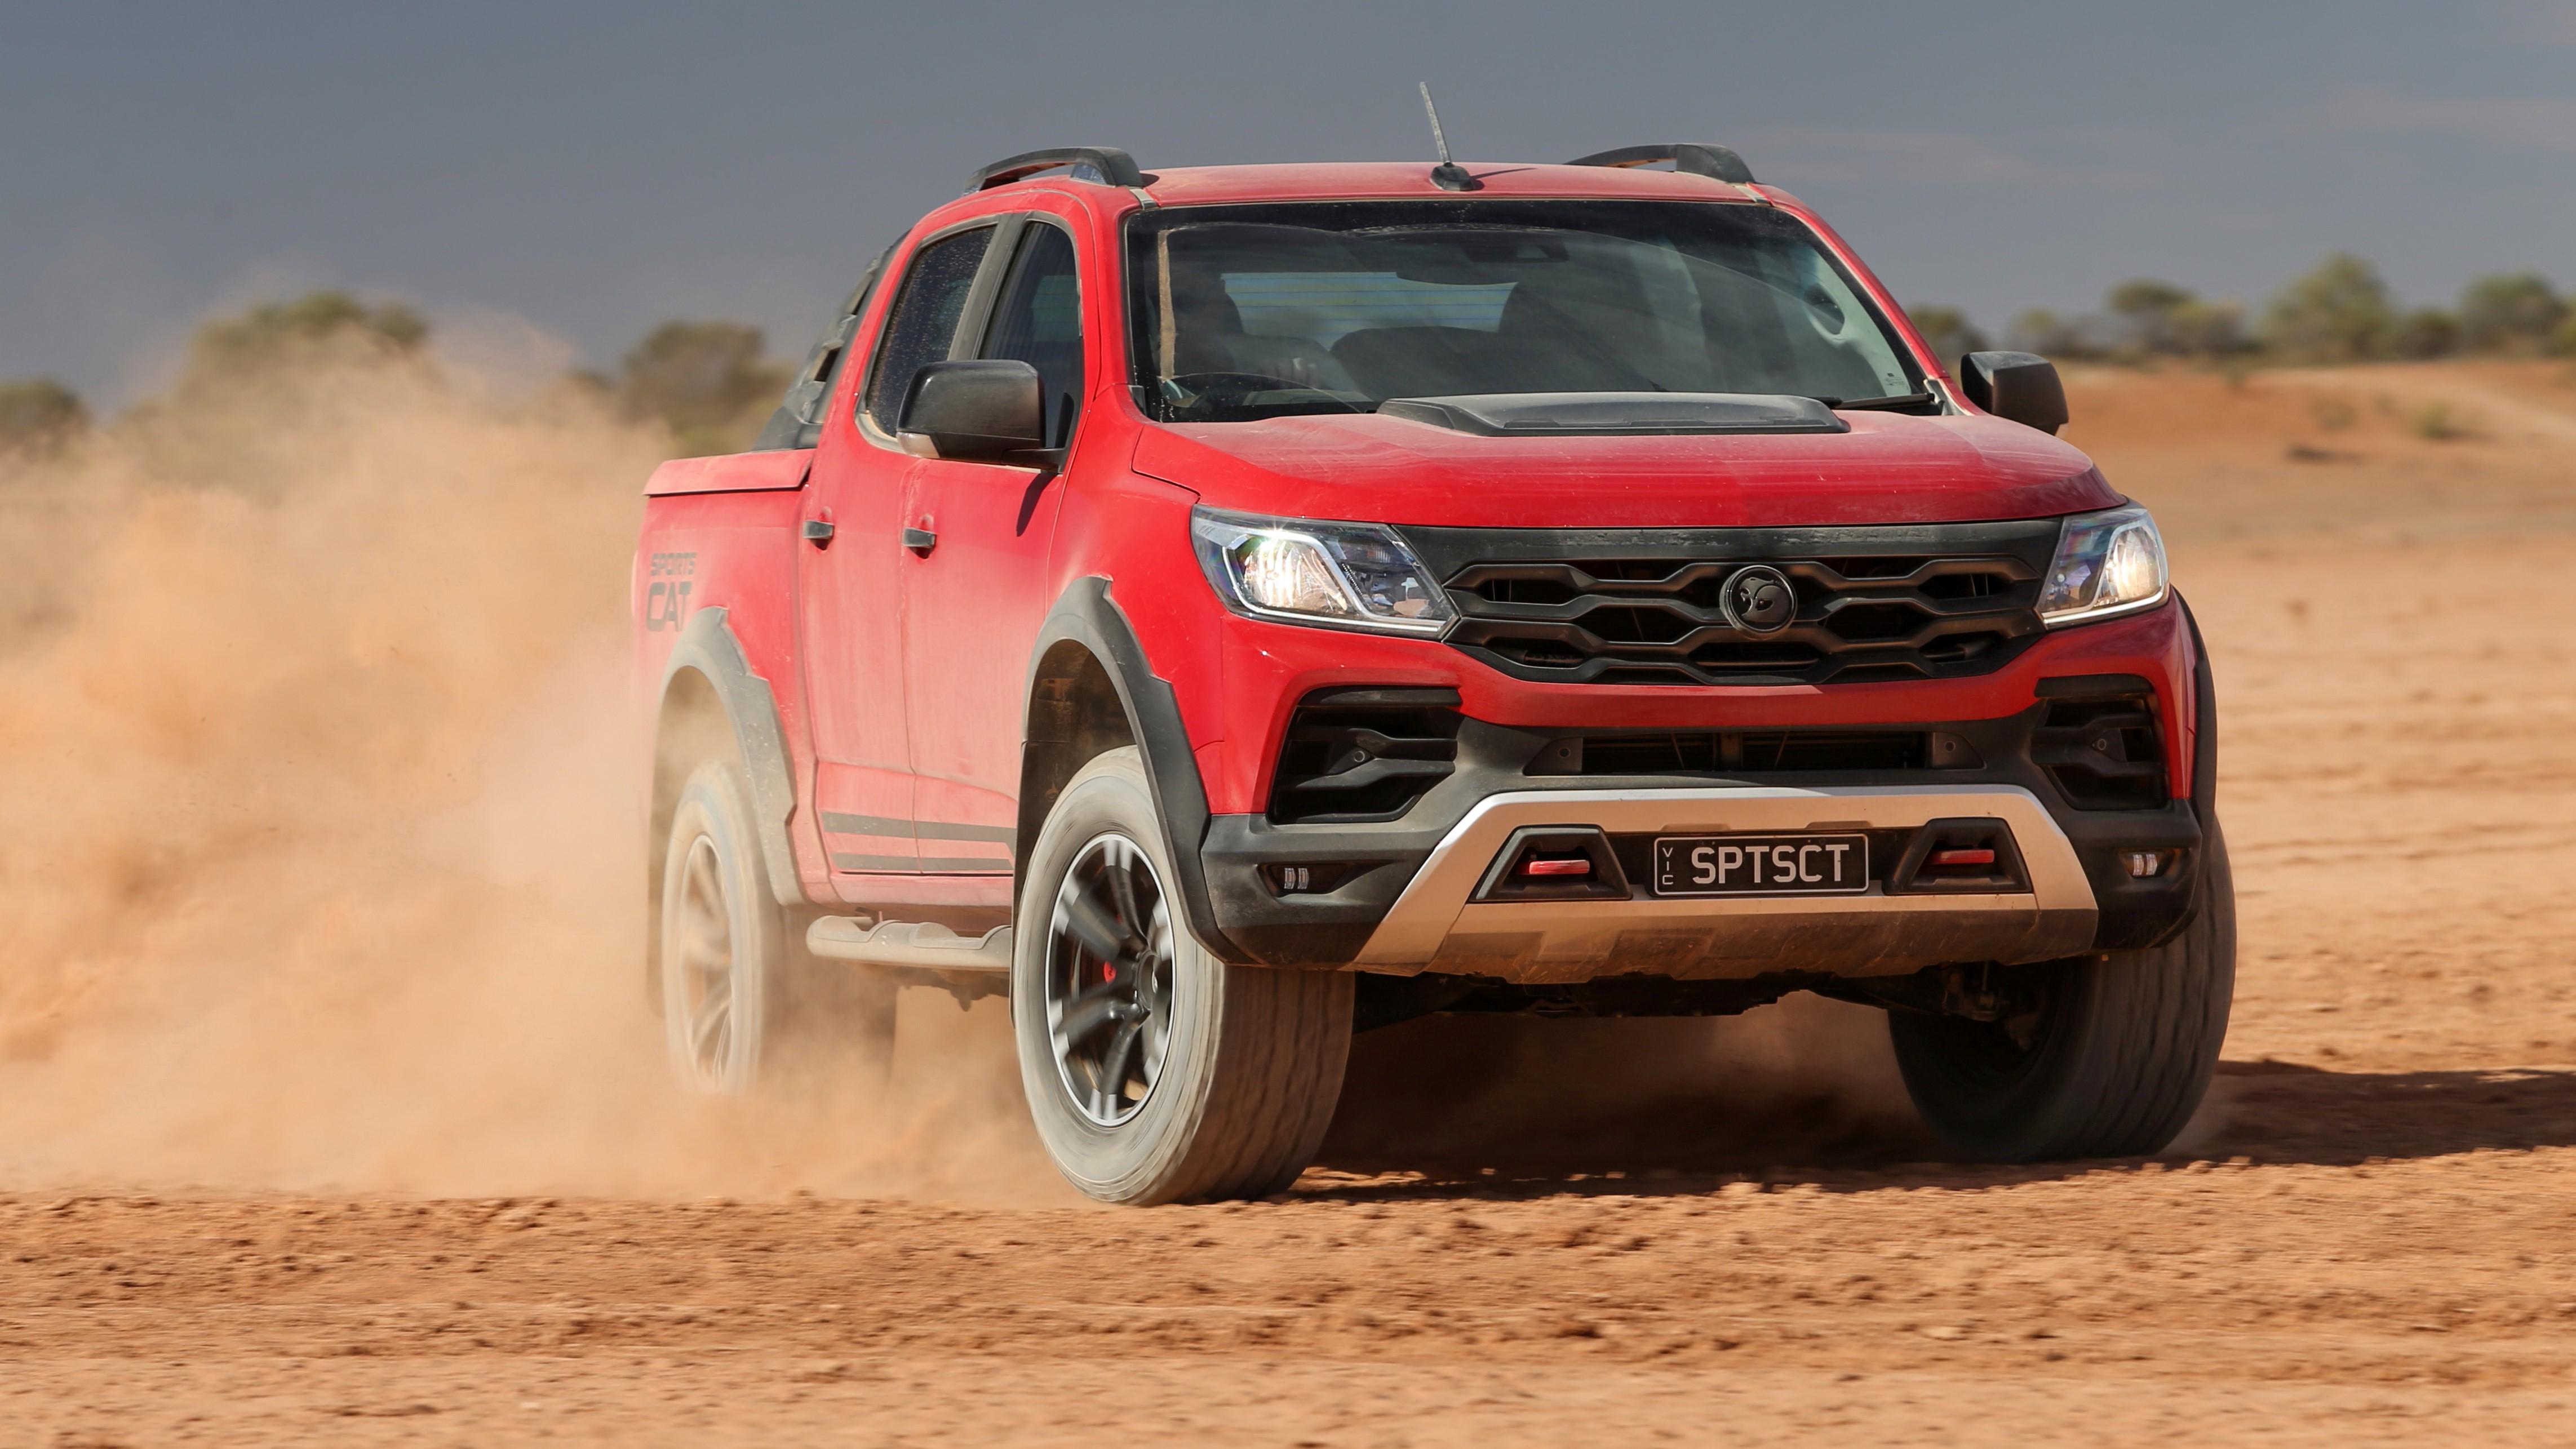 HSV plots Ranger Raptor rival